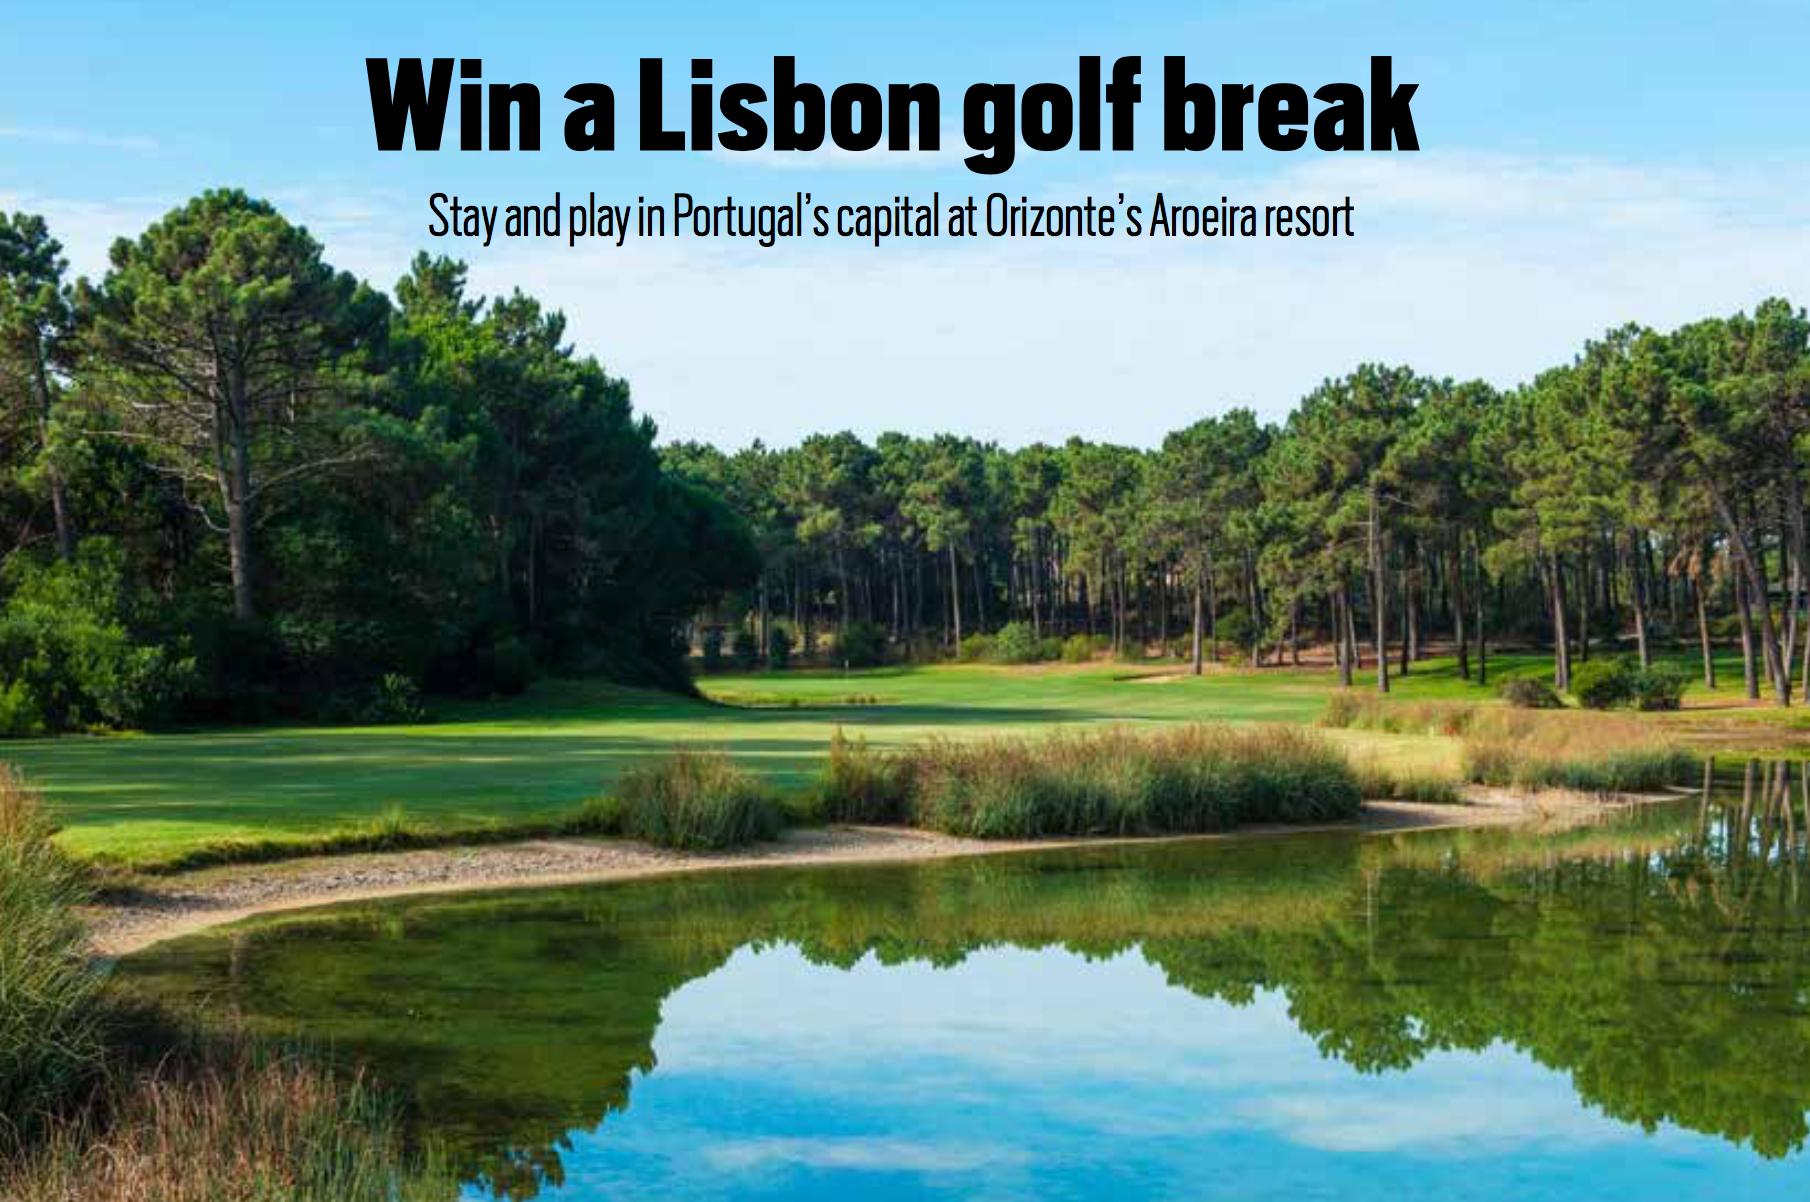 Win A Lisbon Golf Break sweepstakes